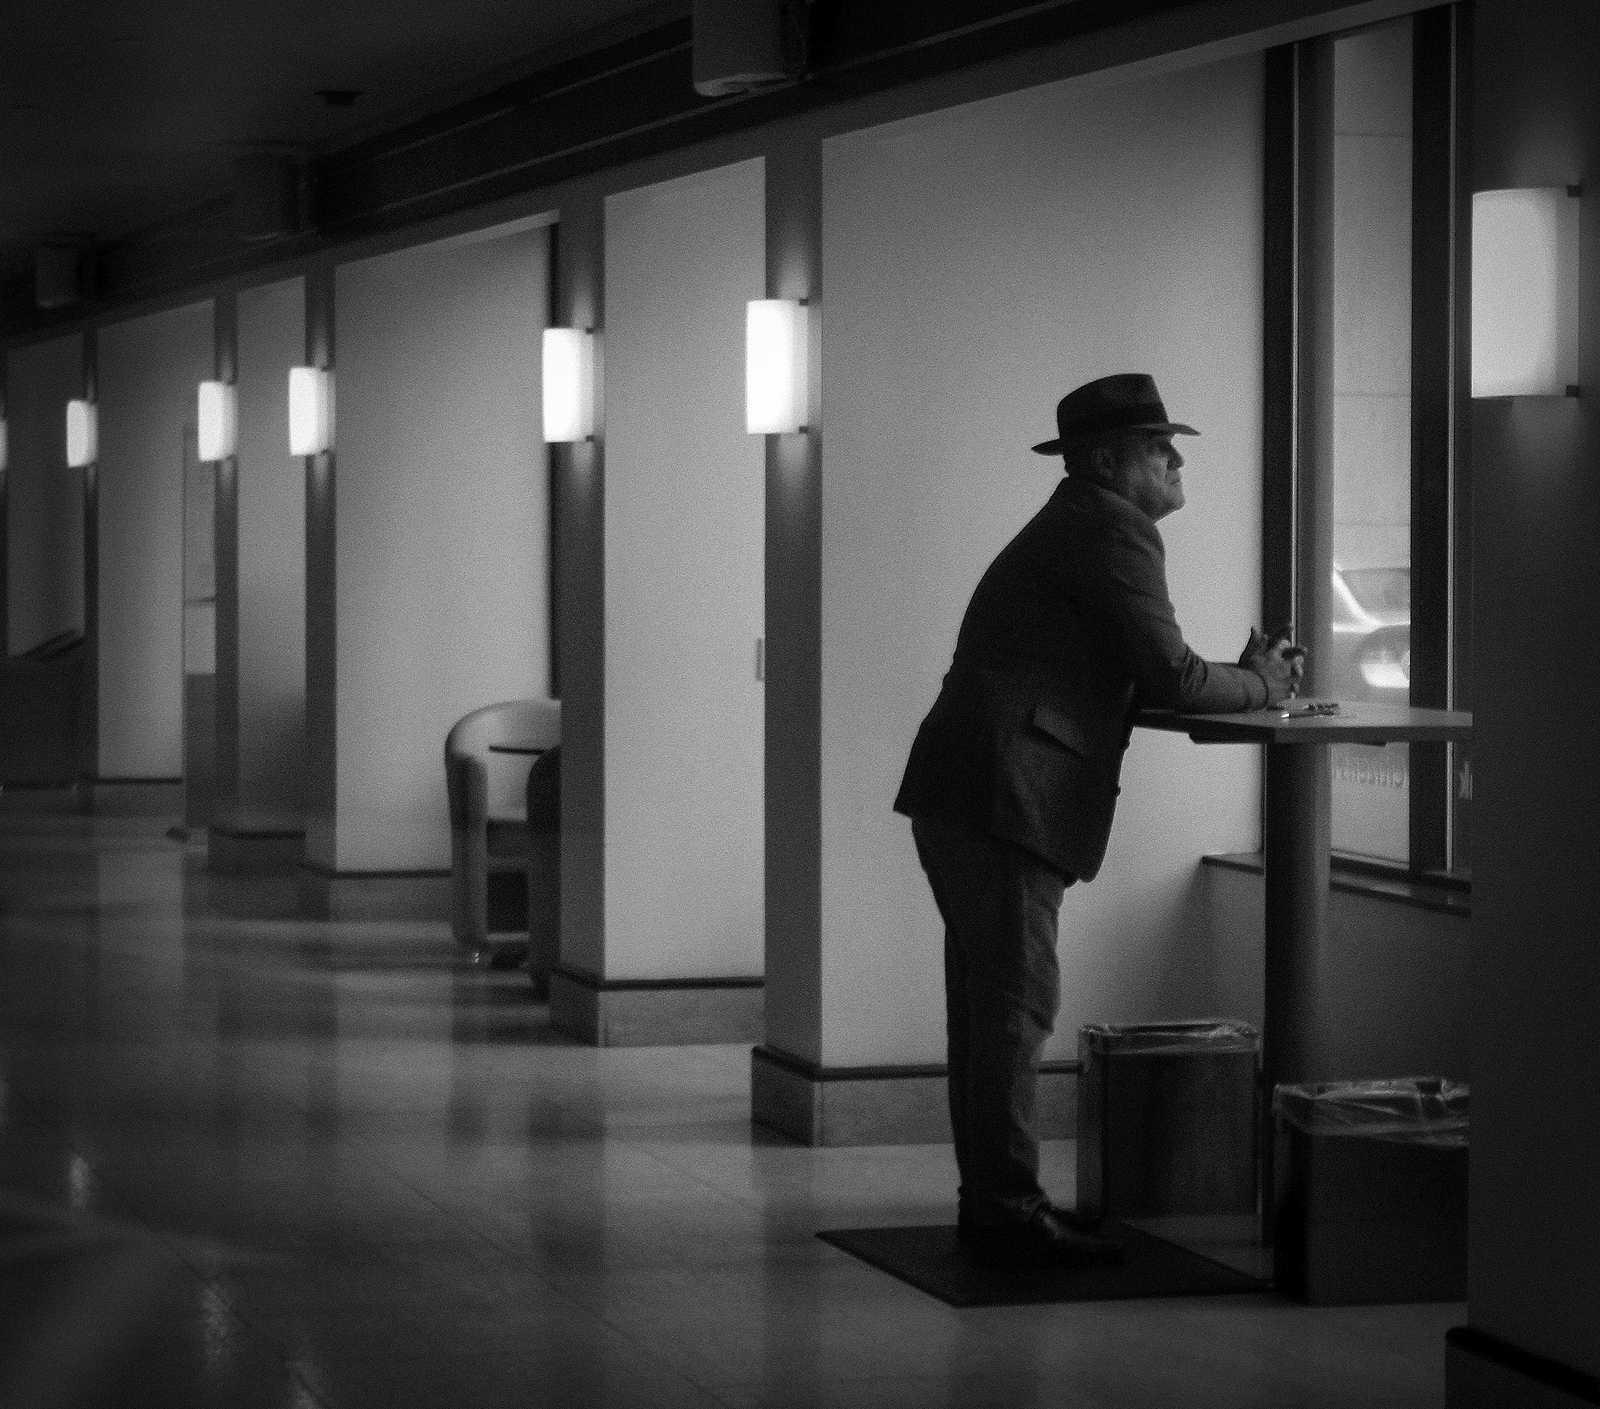 Man at Bank Window